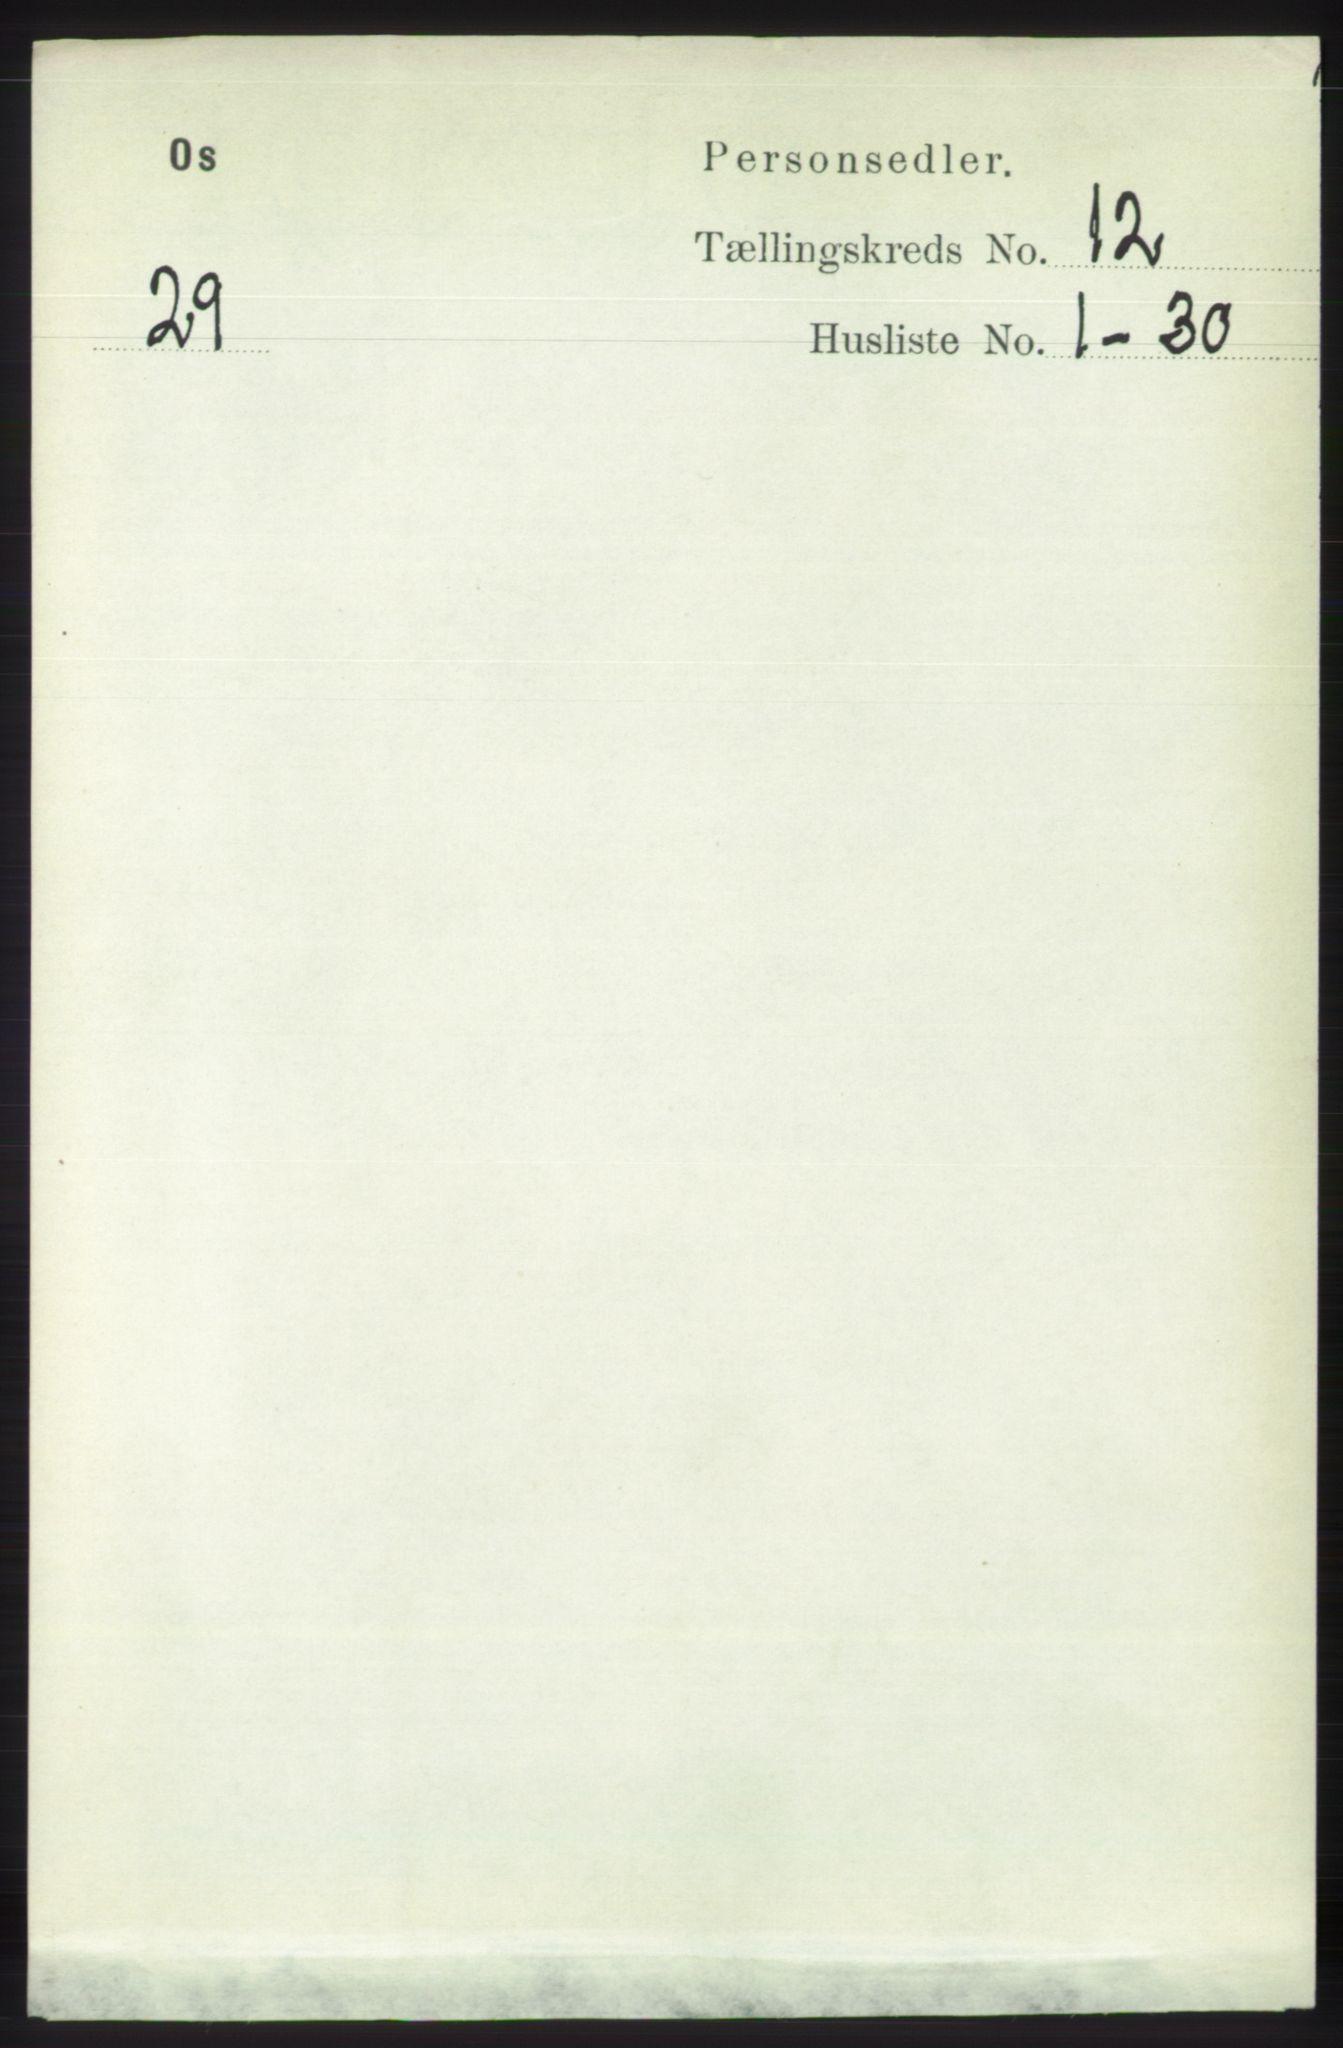 RA, Folketelling 1891 for 1243 Os herred, 1891, s. 2728